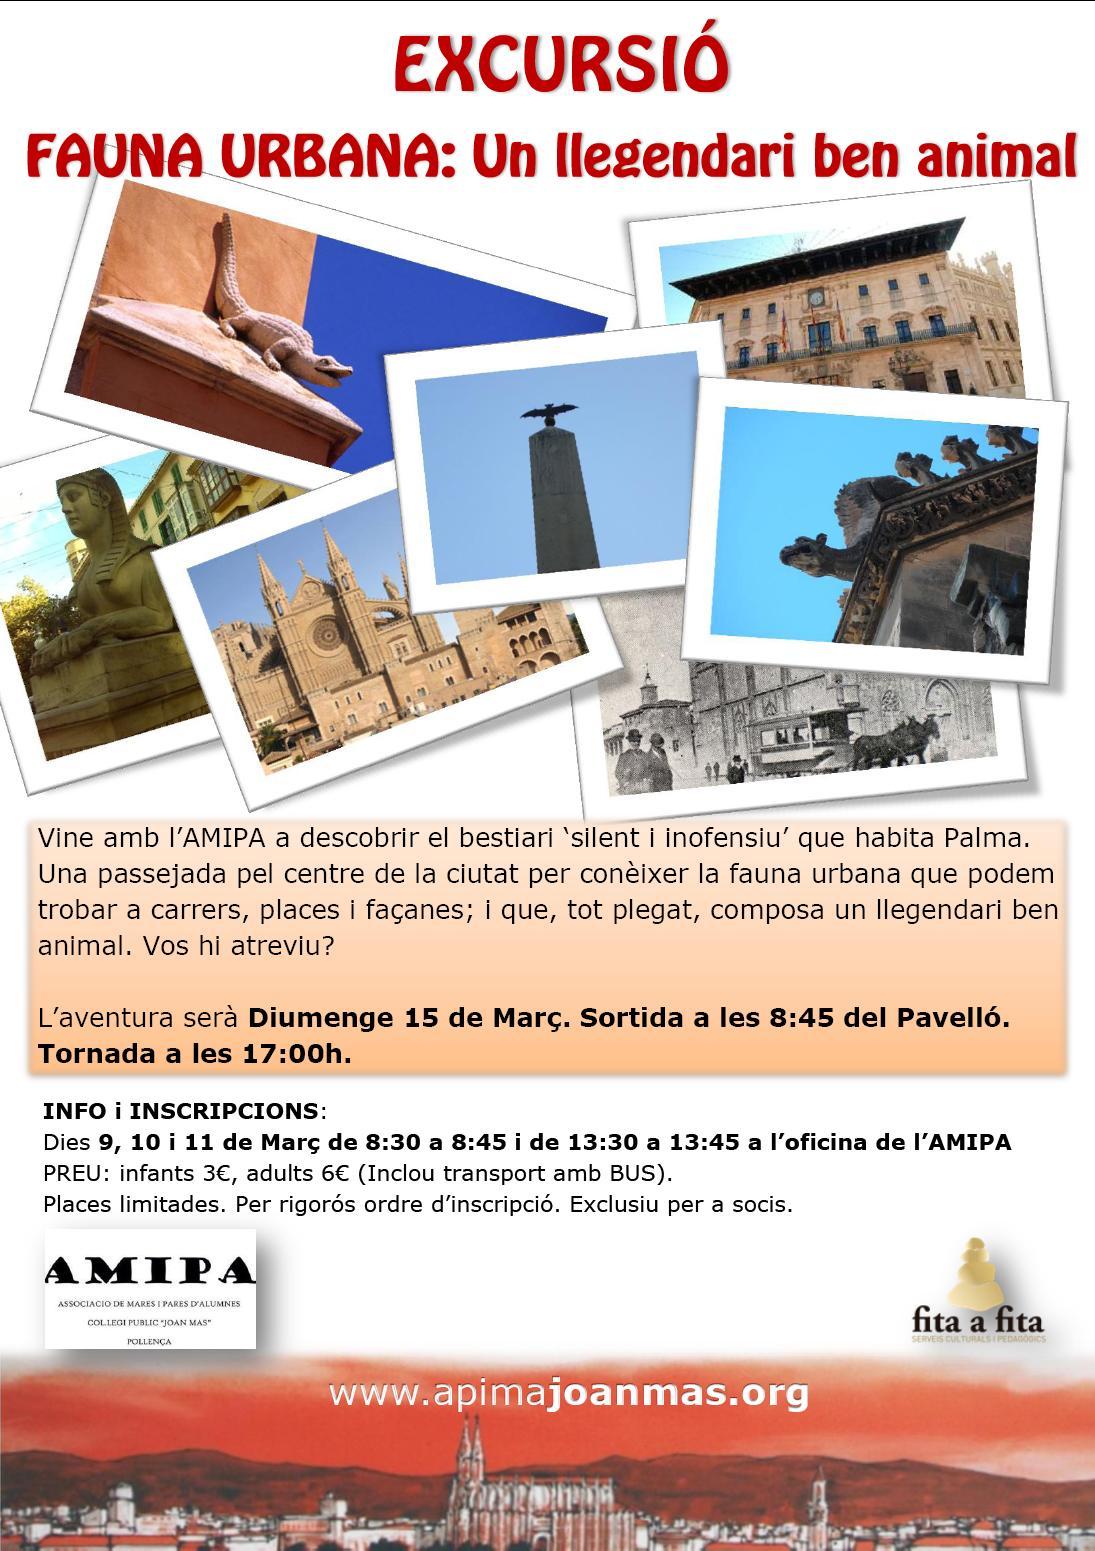 Excursio APIMA Joan Mas